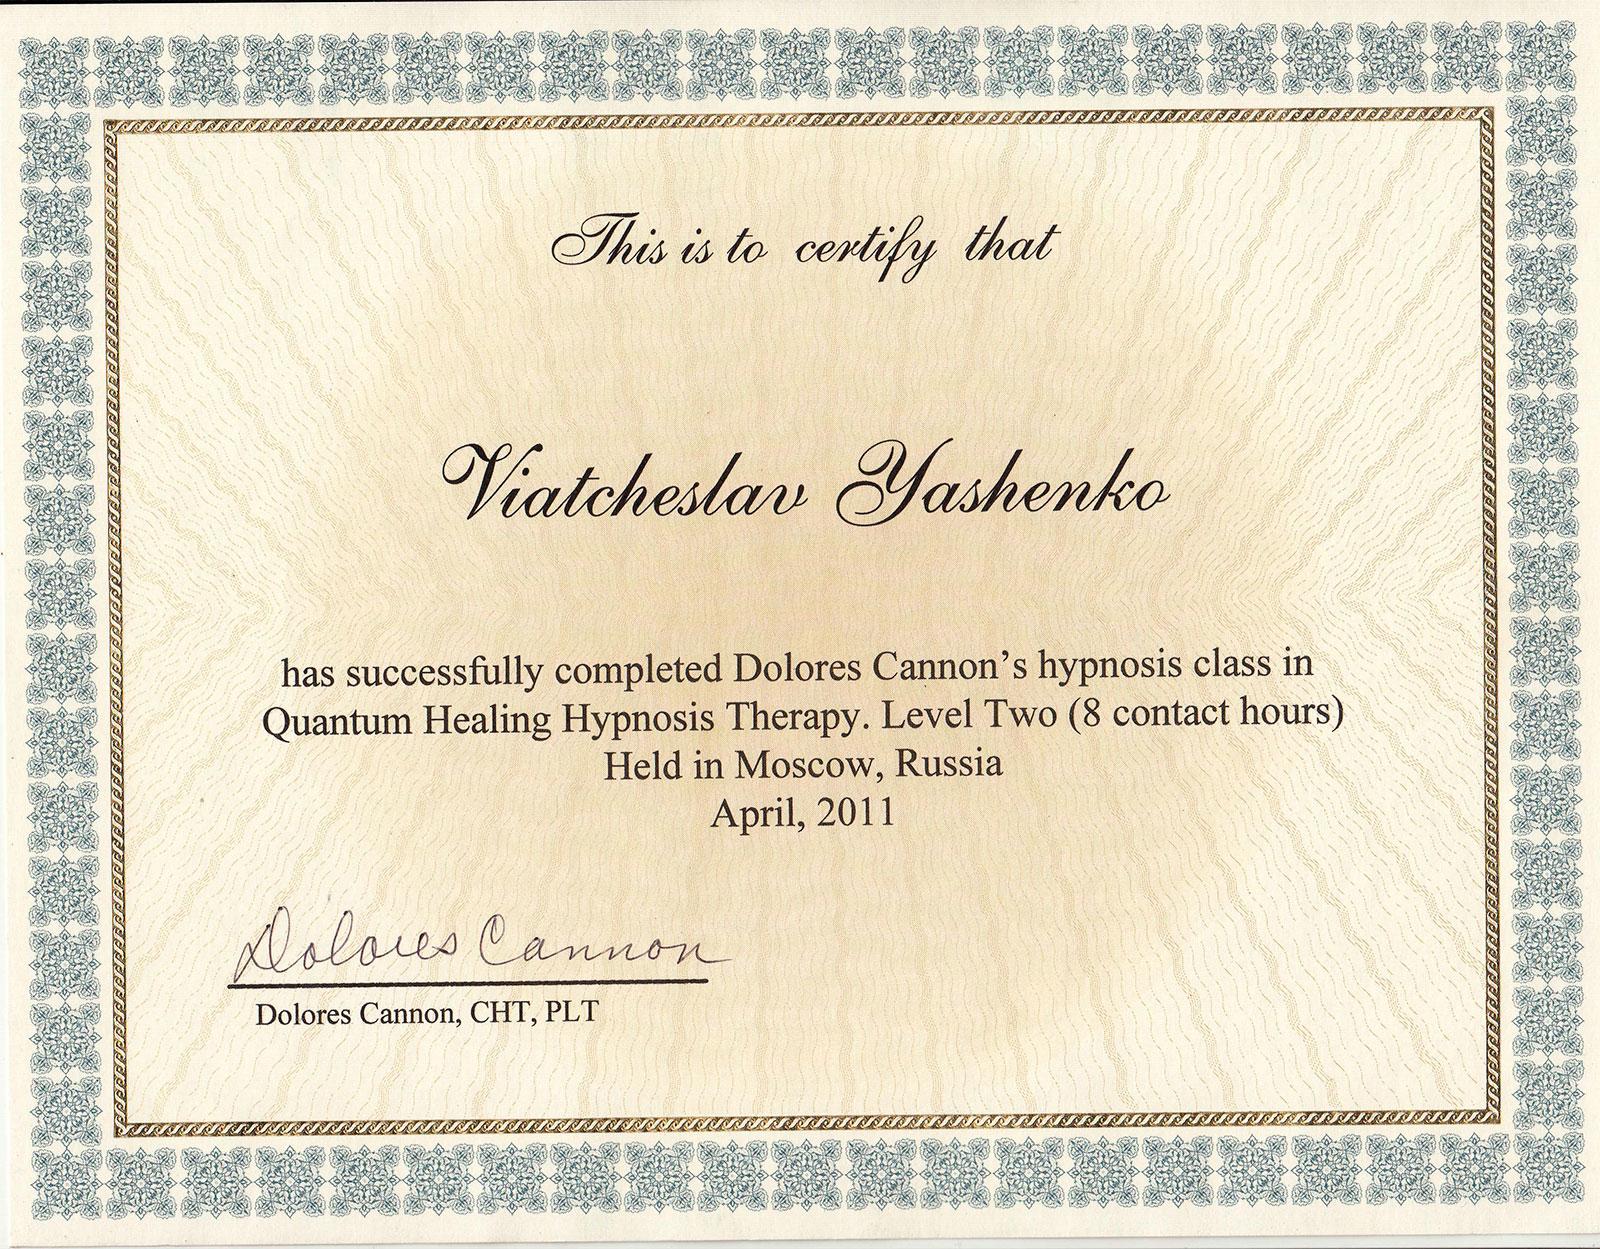 Сертификат школы Долорес Кэннон, level 2B - Вячеслав Ященко